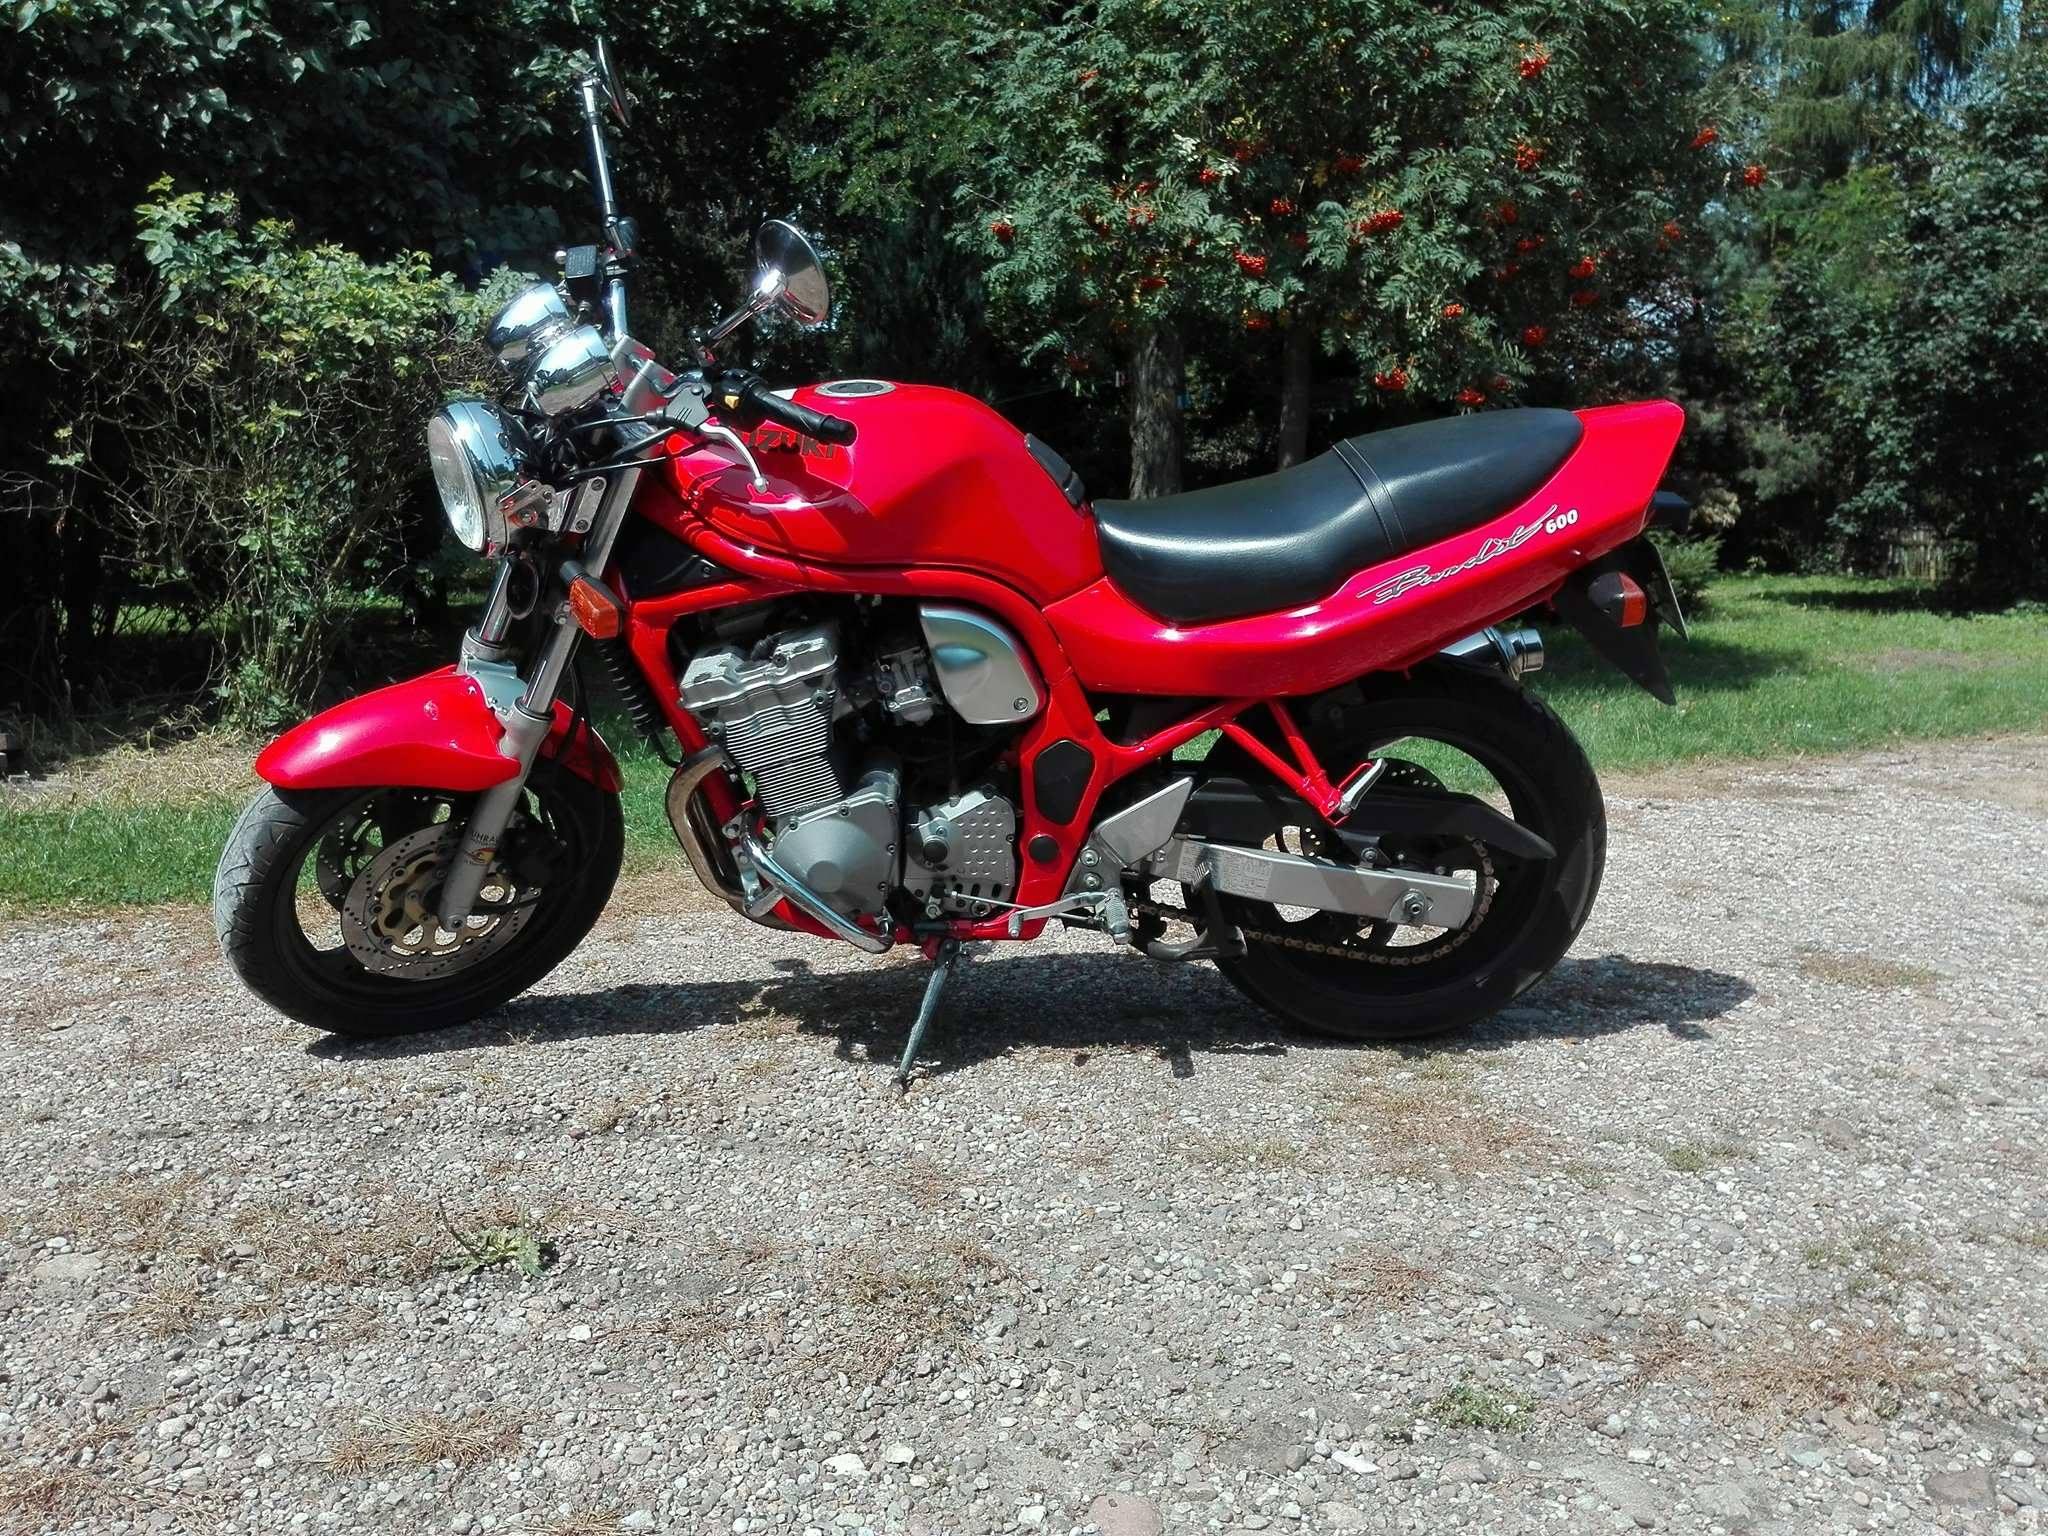 Suzuki Bandit Gsf 600 7039955957 Oficjalne Archiwum Allegro